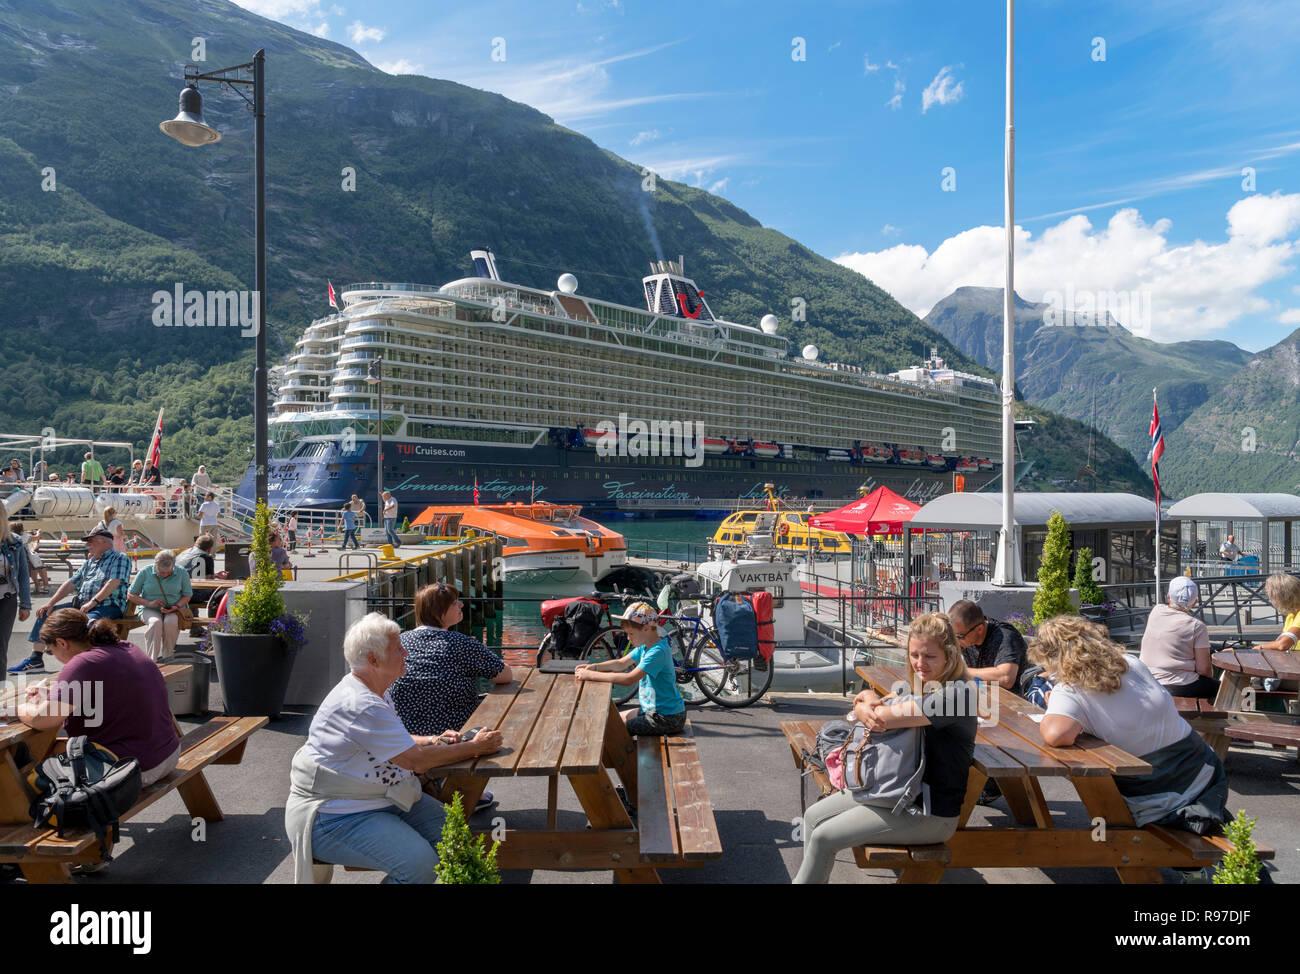 Kai mit TUI Mein Schiff 1 (jetzt Mariella Explorer) Kreuzfahrtschiff in den Hintergrund, Geiranger, Møre og Romsdal, Sunnmøre, Norwegen Stockbild